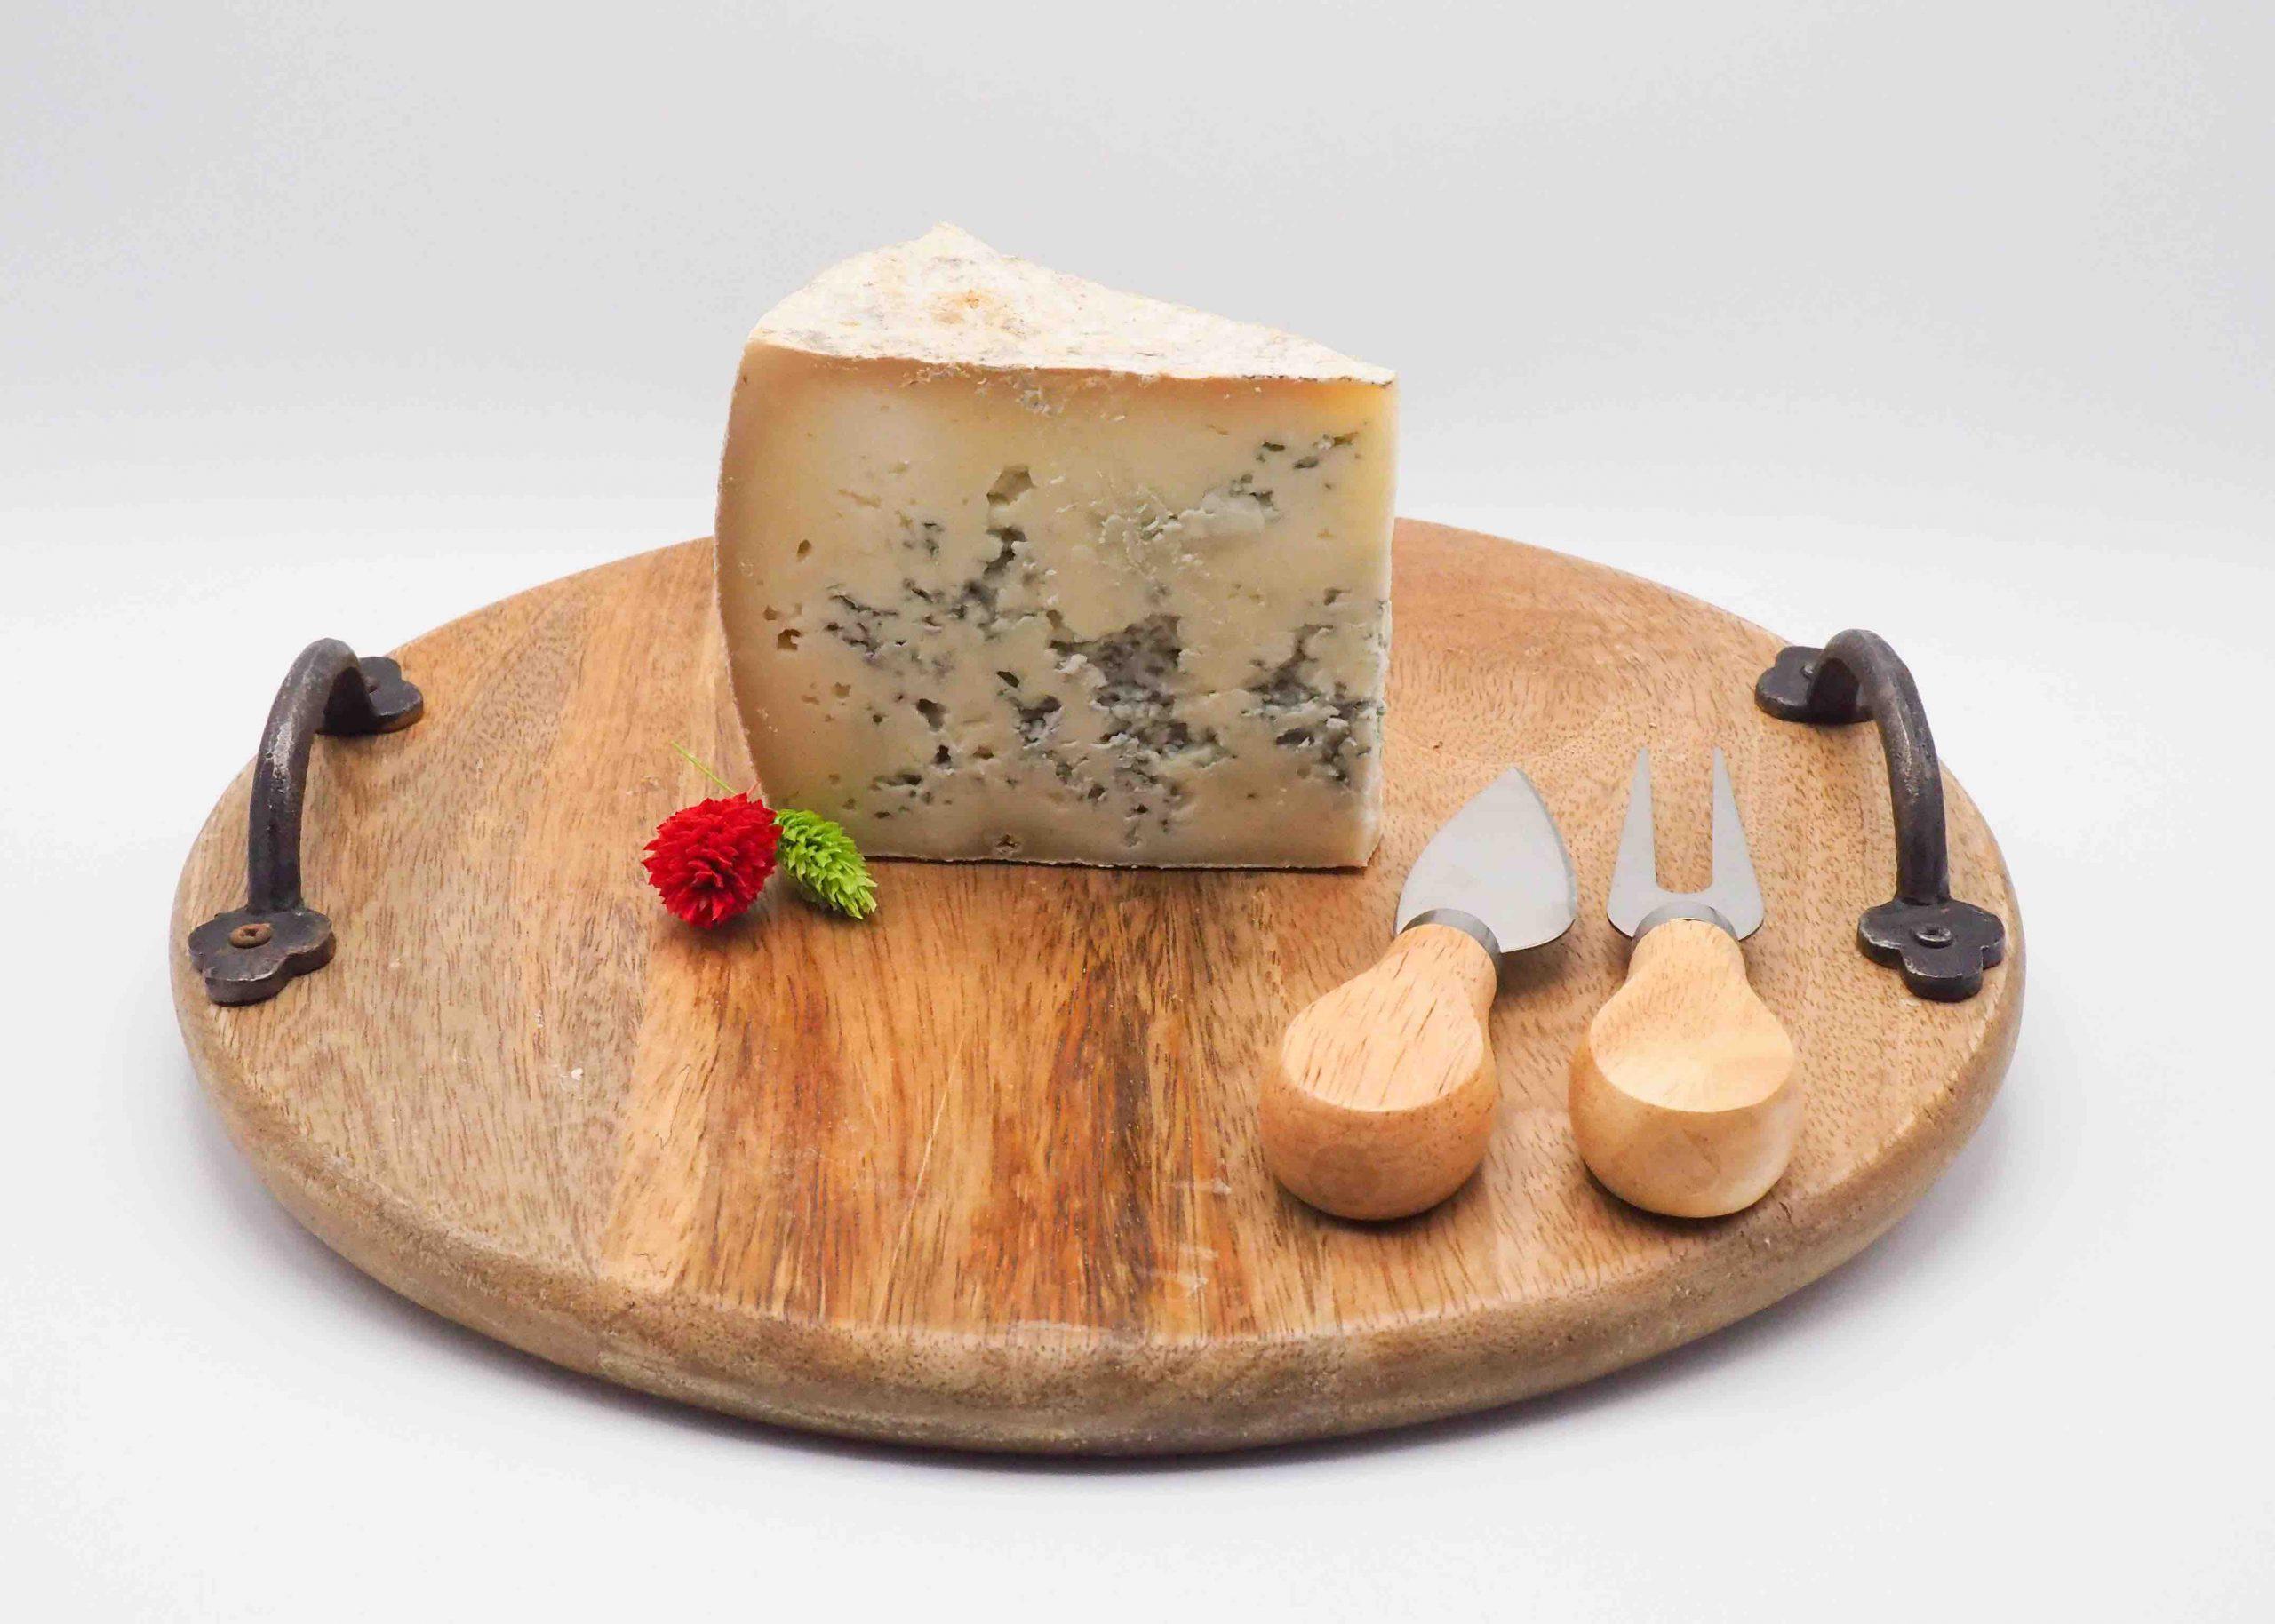 Vente fromage Berger Bleu en ligne avec livraison à domicile sur toute la France